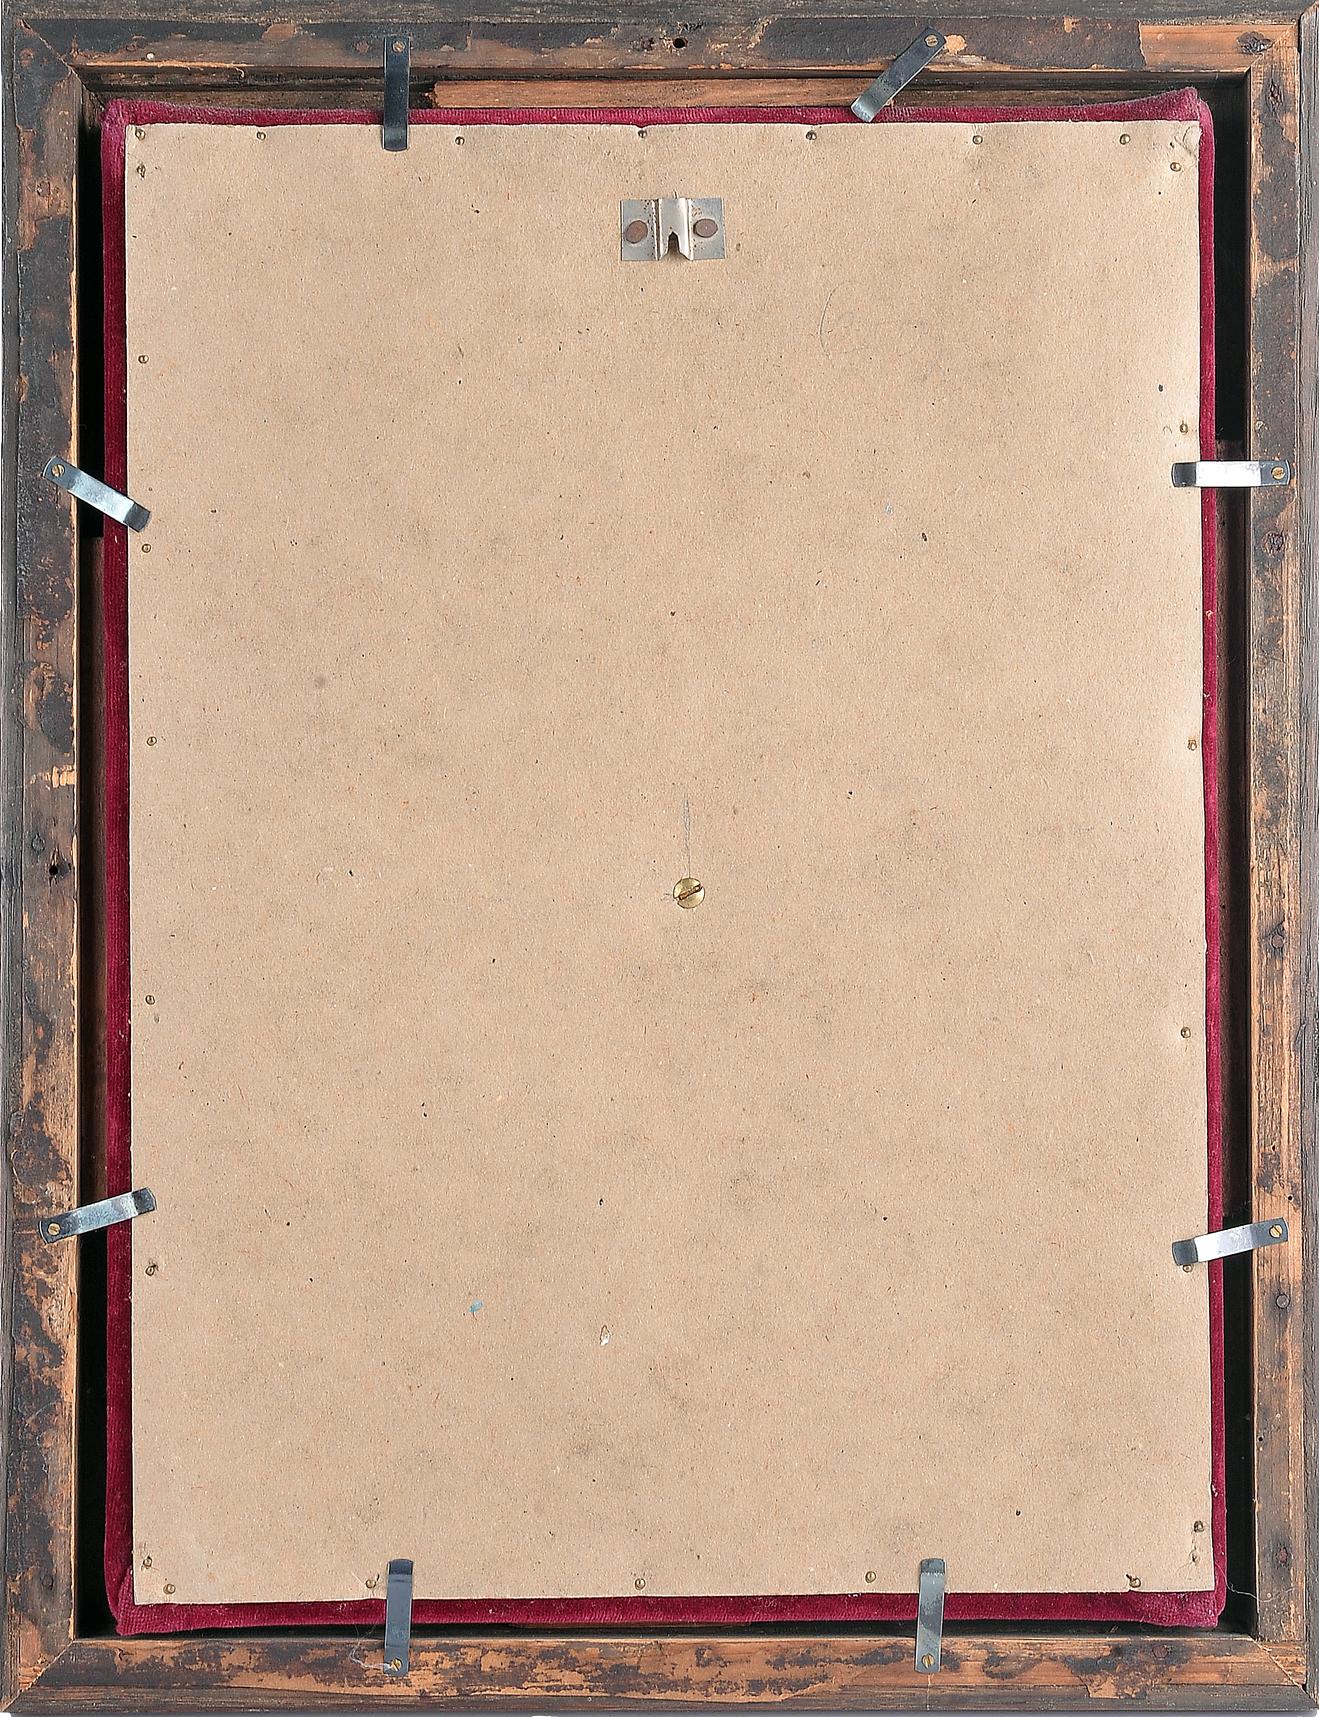 Christo Vivo, Spanien, 17. Jahrhundert - Image 8 of 8